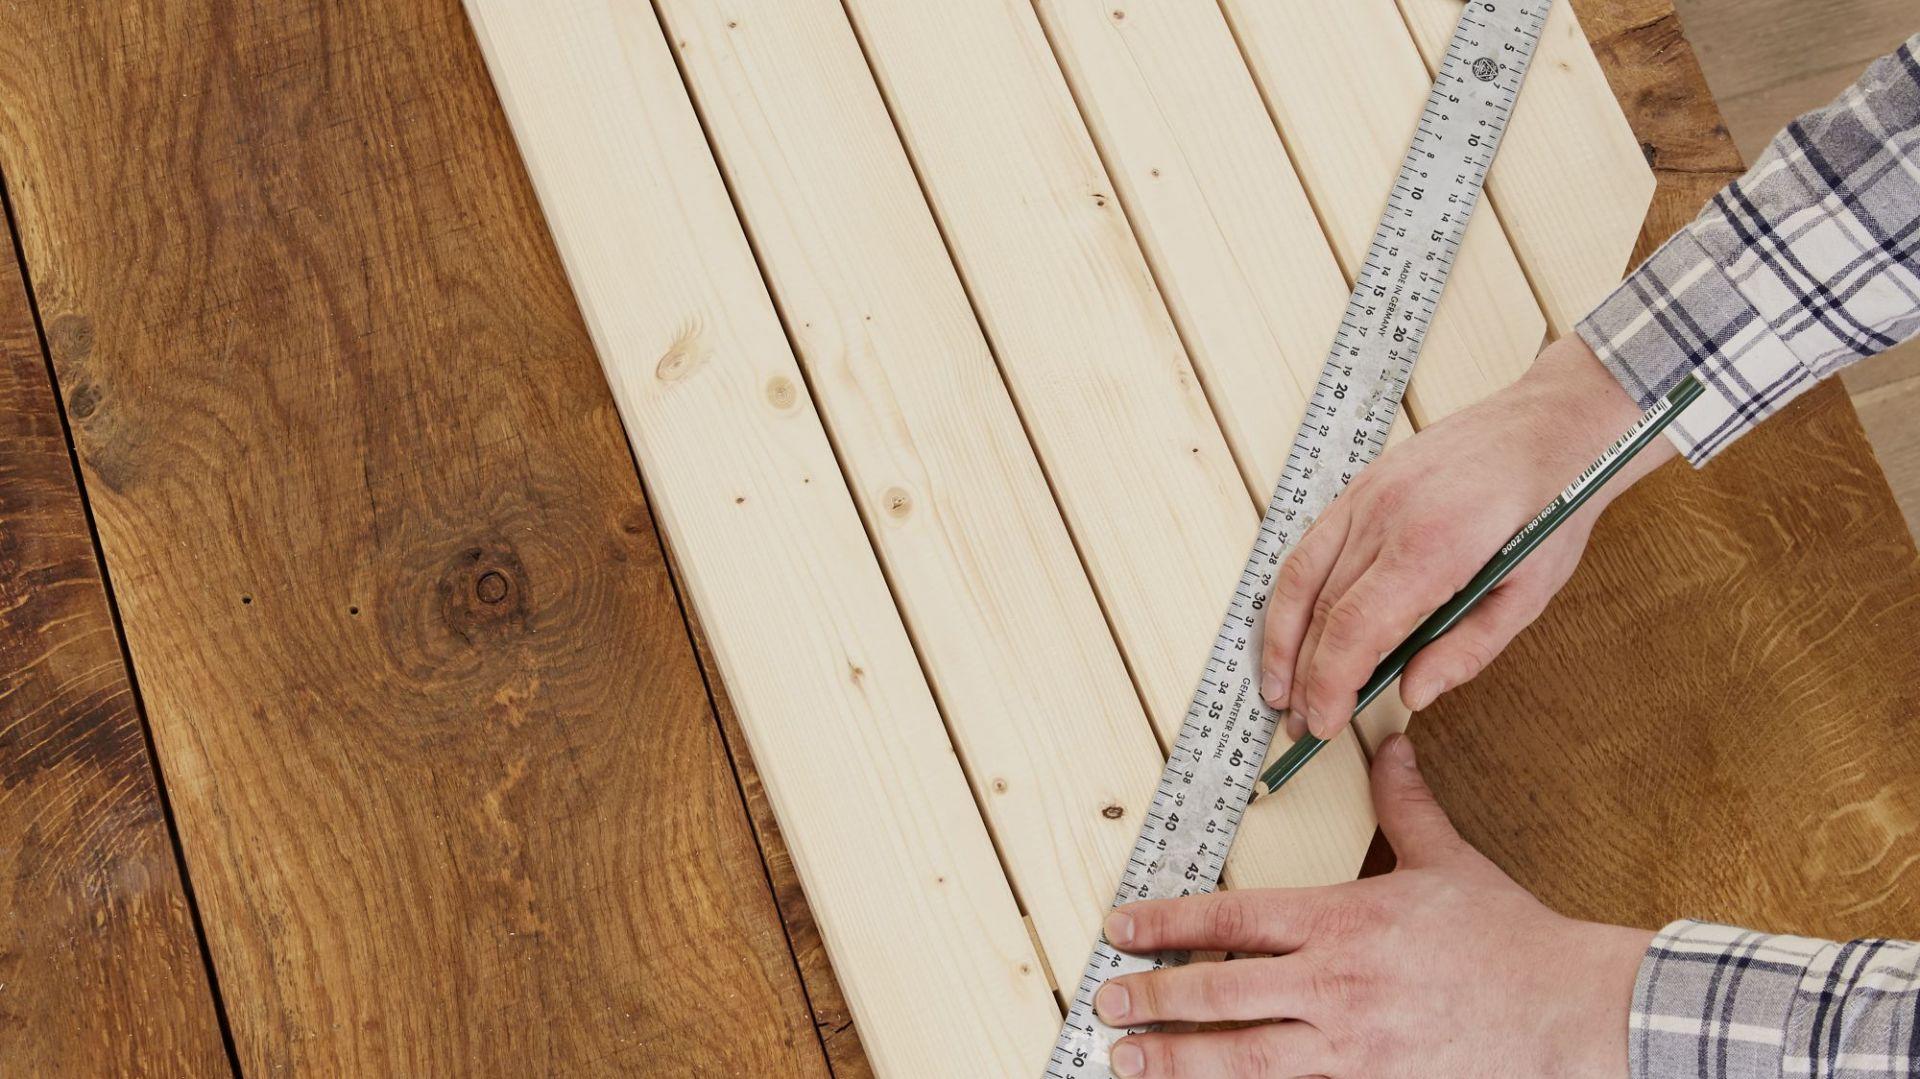 Aby stolik miał prawidłowe wymiary i dokładnie pasował do wybranego miejsca, najpierw ustal jego wymiary. W naszym przykładzie to 90 x 66 x 66 cm i wysokość ok. 30 cm. Jedną z desek potnij na 6 coraz mniejszych kawałków (90 cm, 80 cm, 60 cm, 40 cm, 20 cm i 10 cm) i ułóż je tak, aby przypominały trójkąt. Następnie, przy pomocy linijki kątowej zaznacz ołówkiem dokładne wymiary narożnika balkonu tak, aby powstał trójkąt prostokątny o dwóch ramionach takiej samej długości. Fot. Bosch